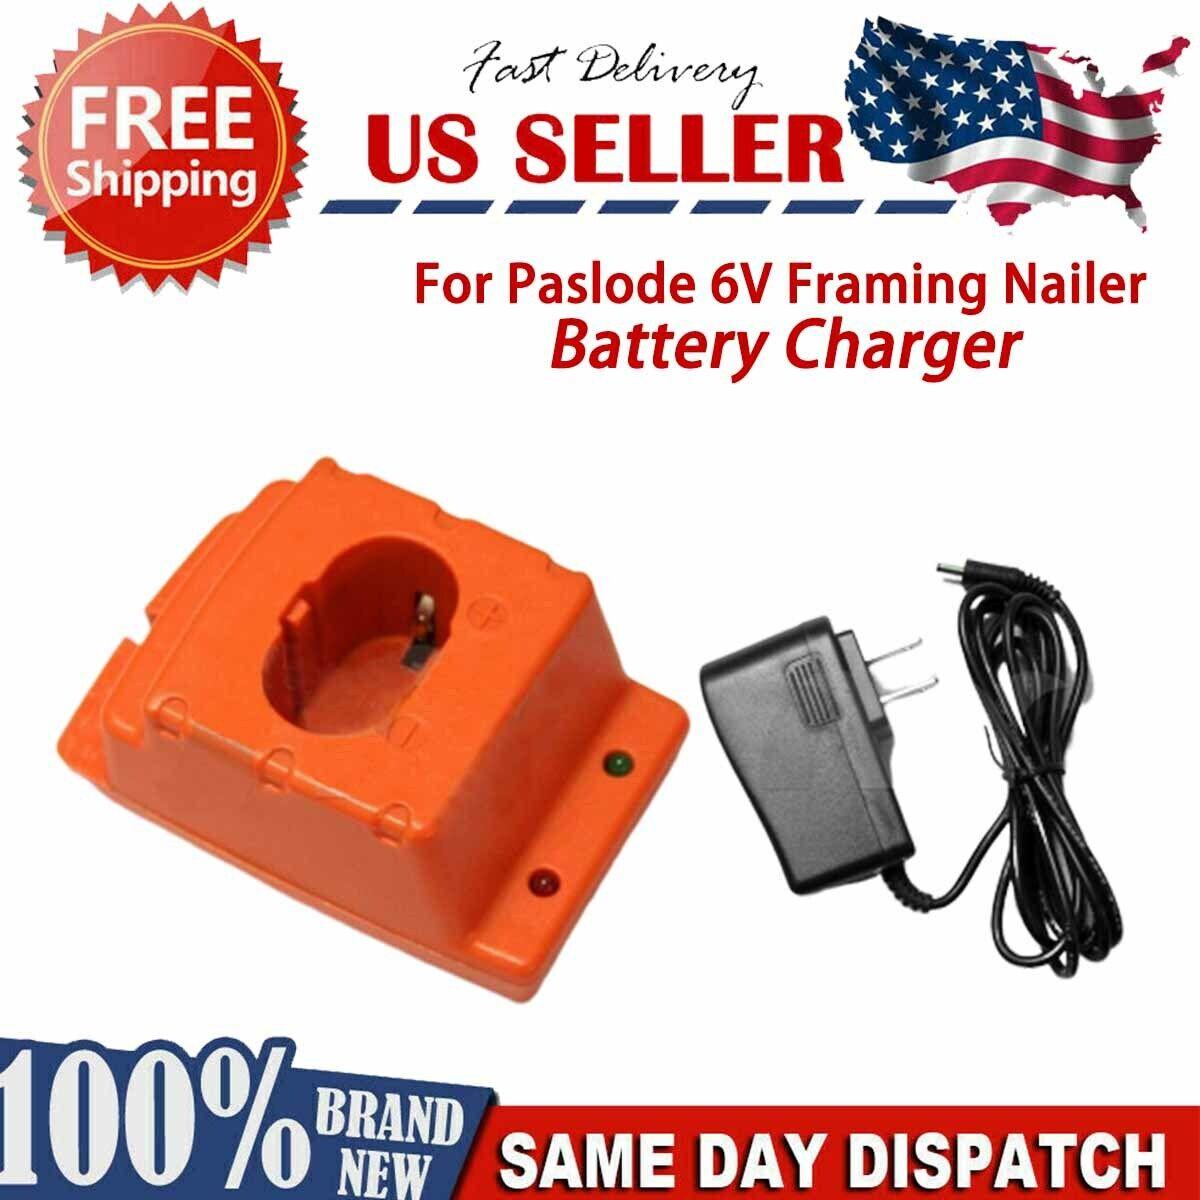 New Power Tool Battery Charger for Paslode 6V Framing Nailer gun 902200 900420